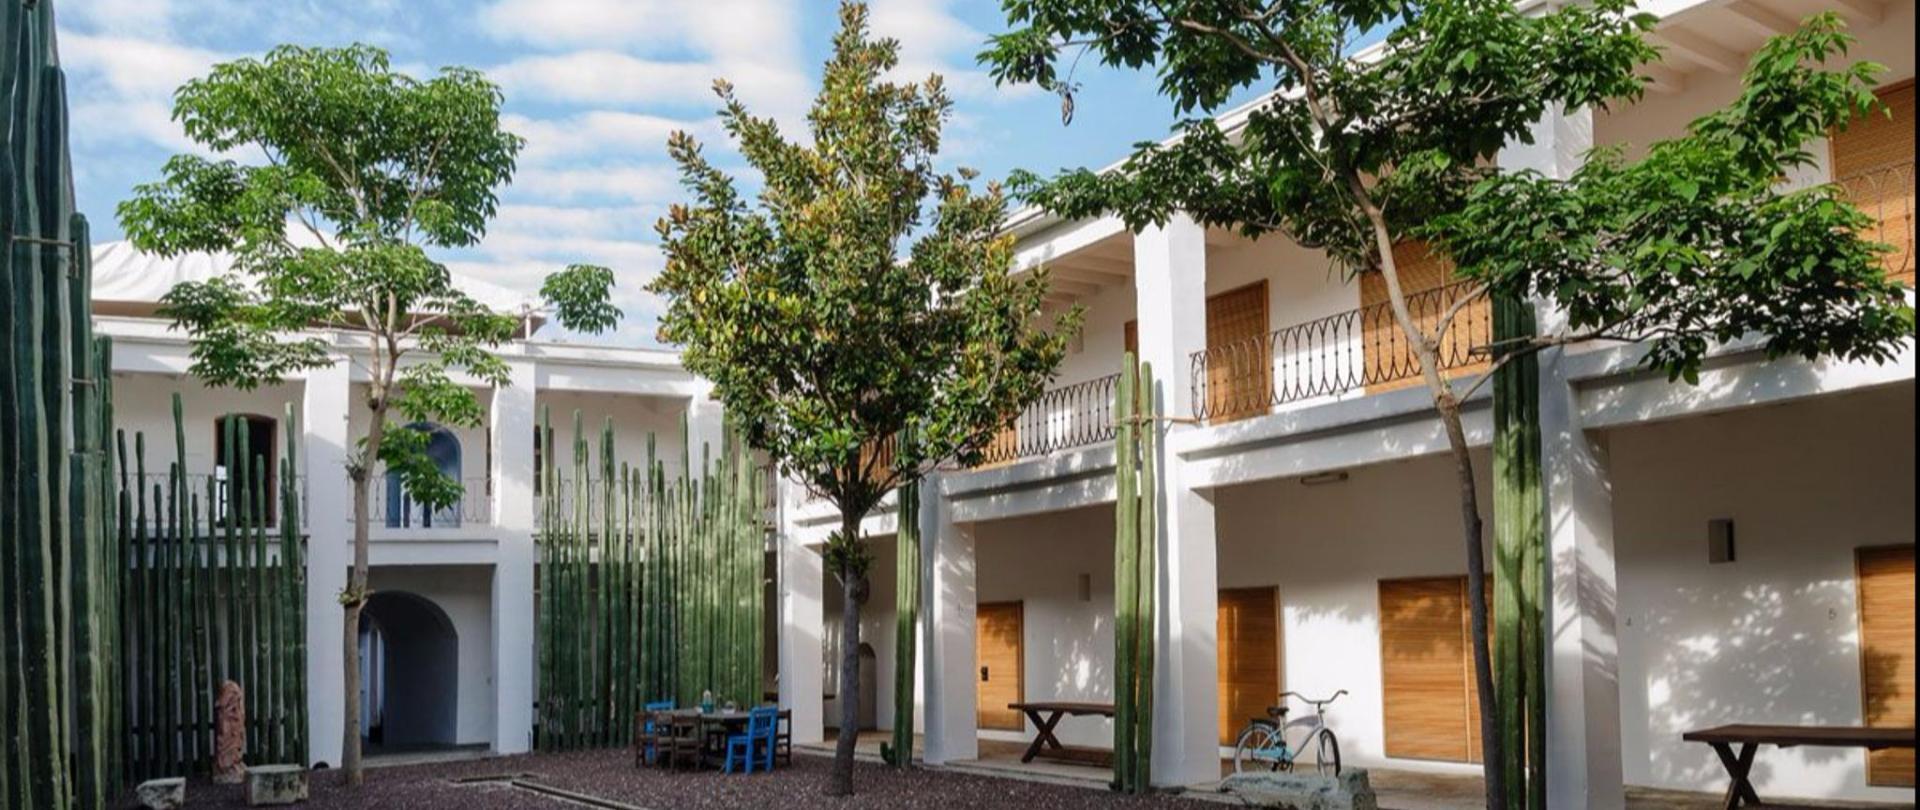 Hotel azul oaxaca city m xico - Casa en sabadell centro ...